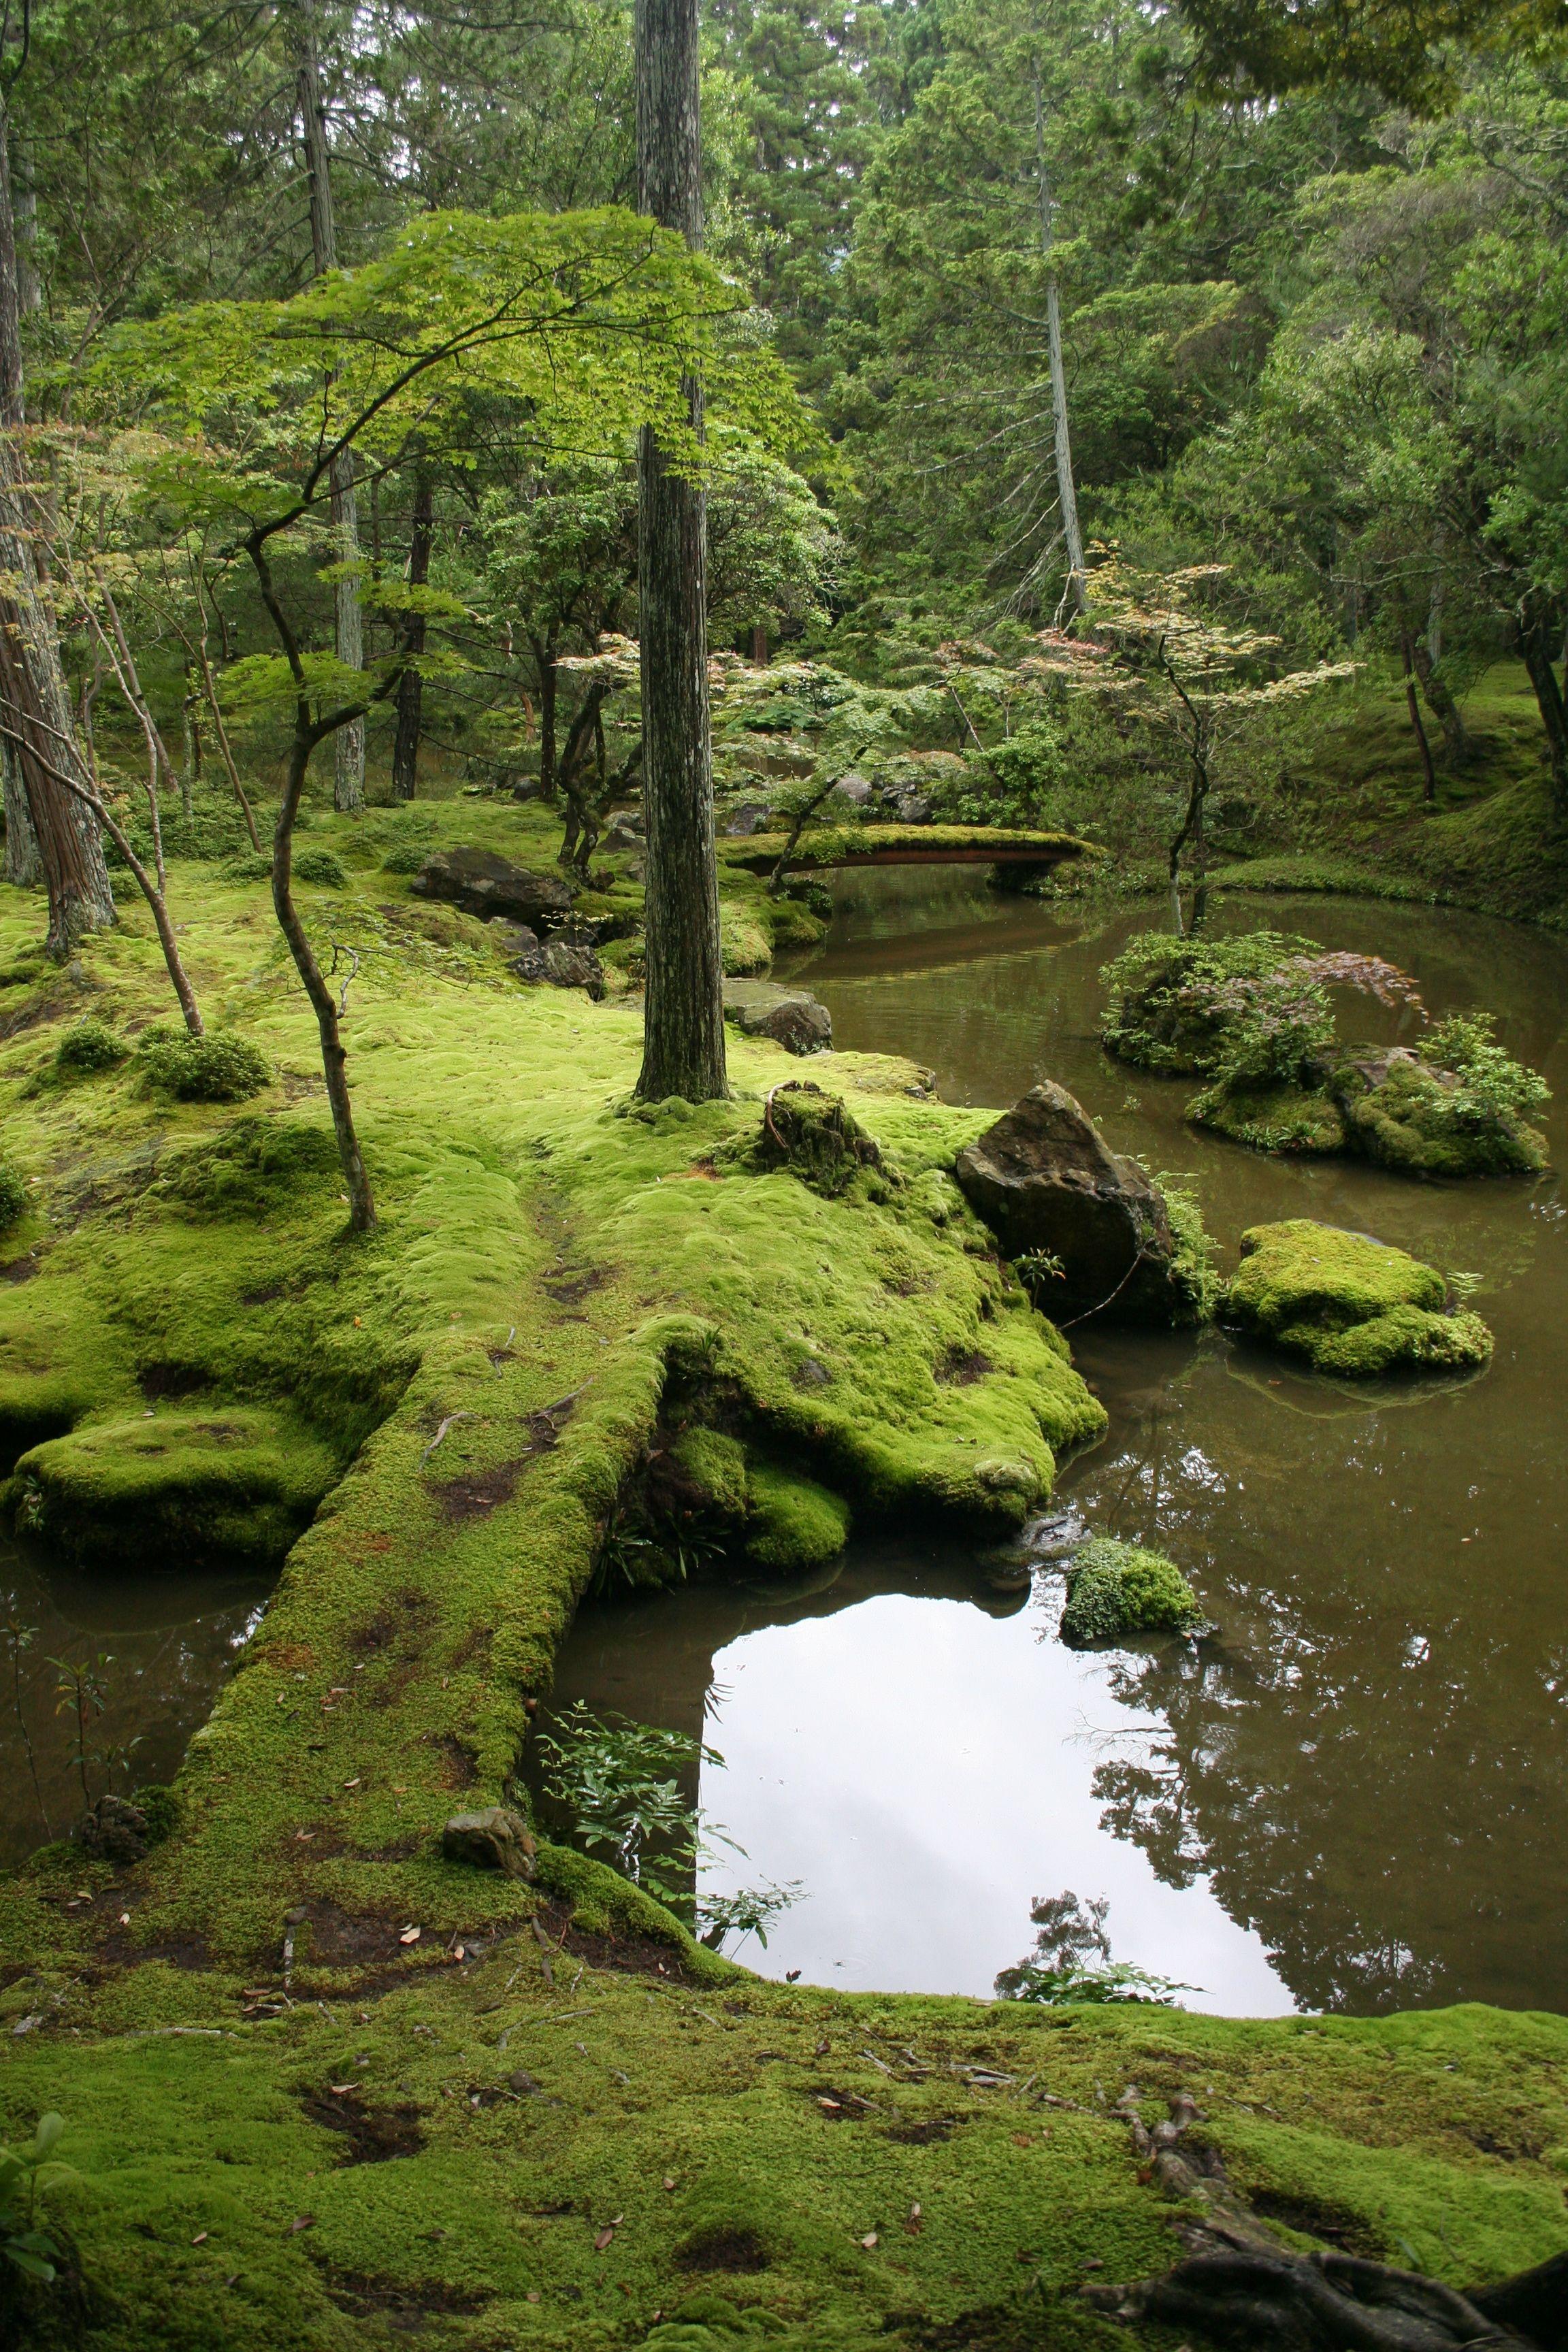 Saih ji buddhist temple in matsuo nishiky ward kyoto - Moosgarten kyoto ...